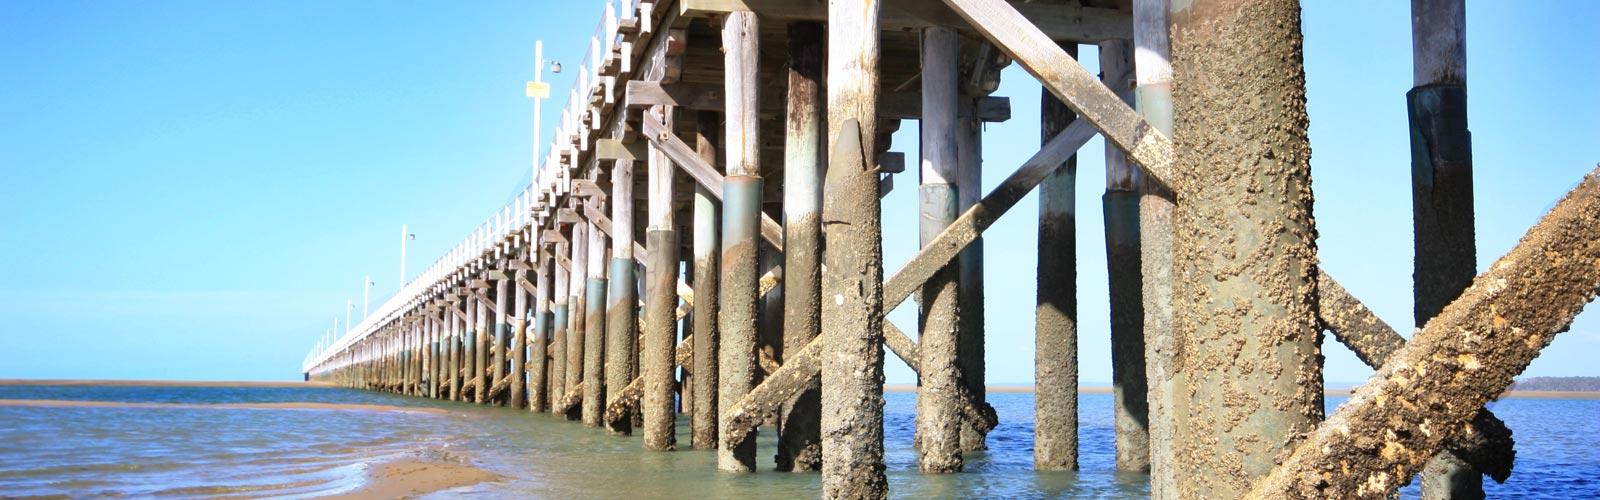 Hervey Bay Fraser Island